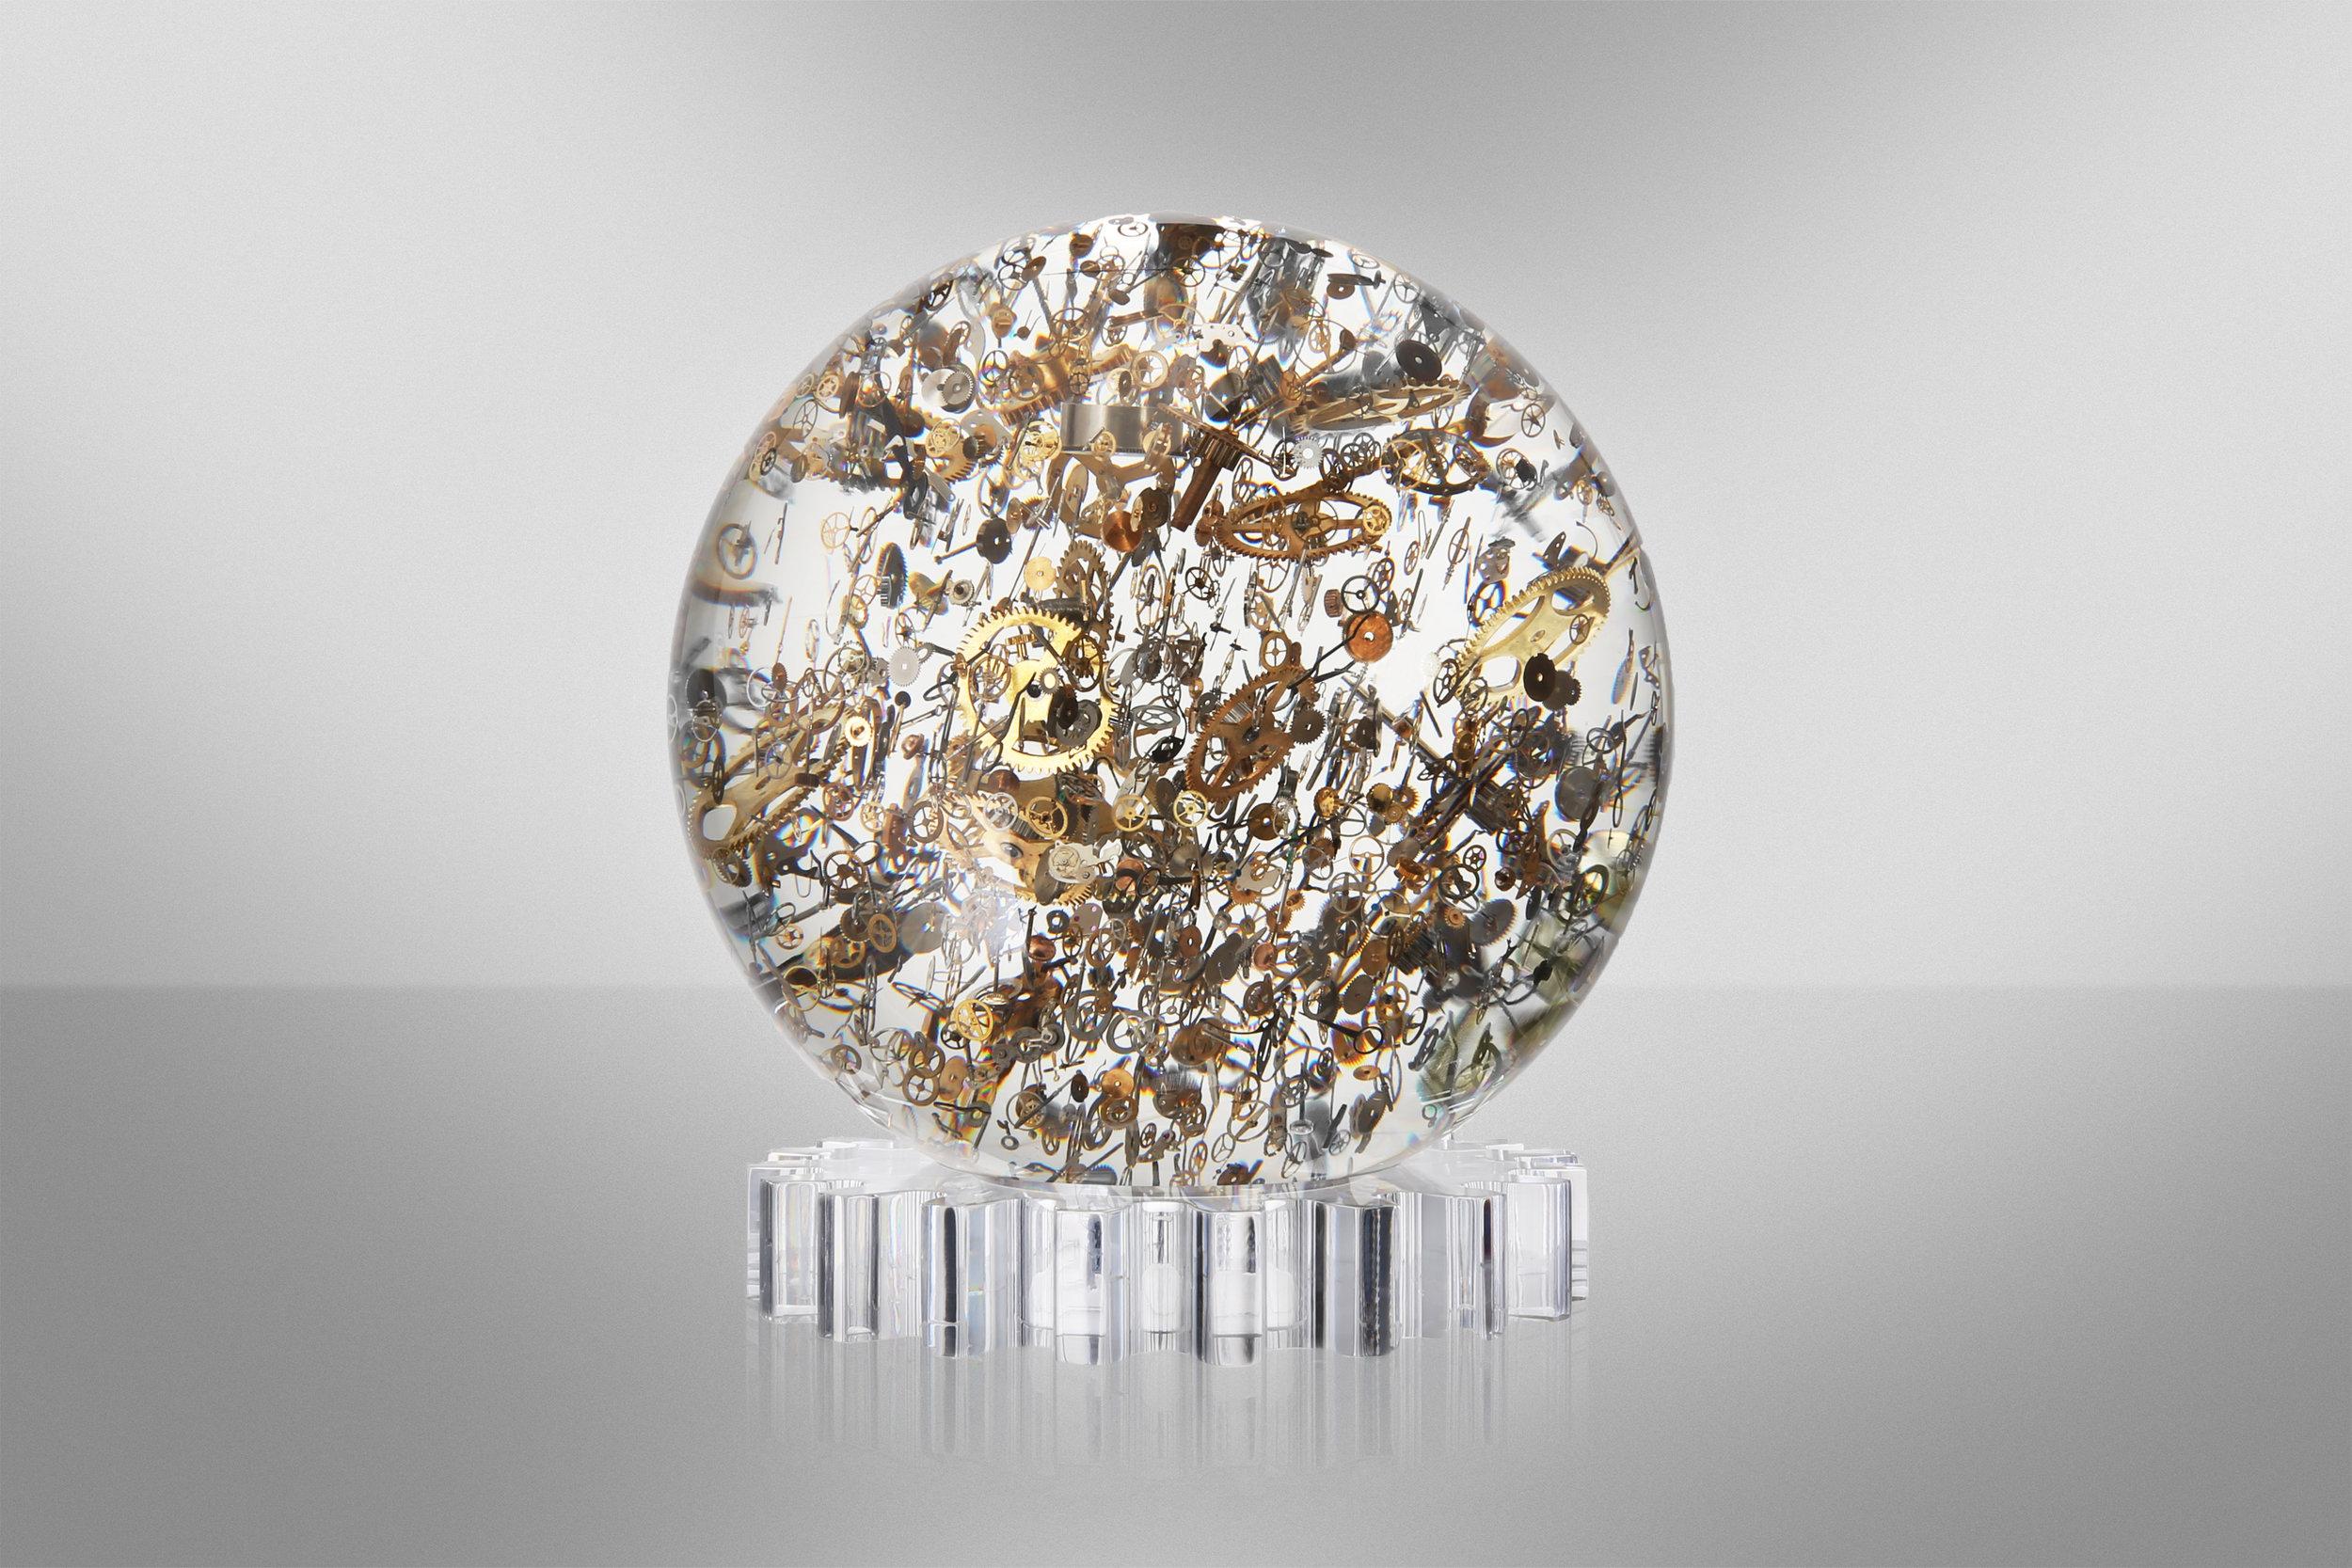 Large Sphere-1.jpg